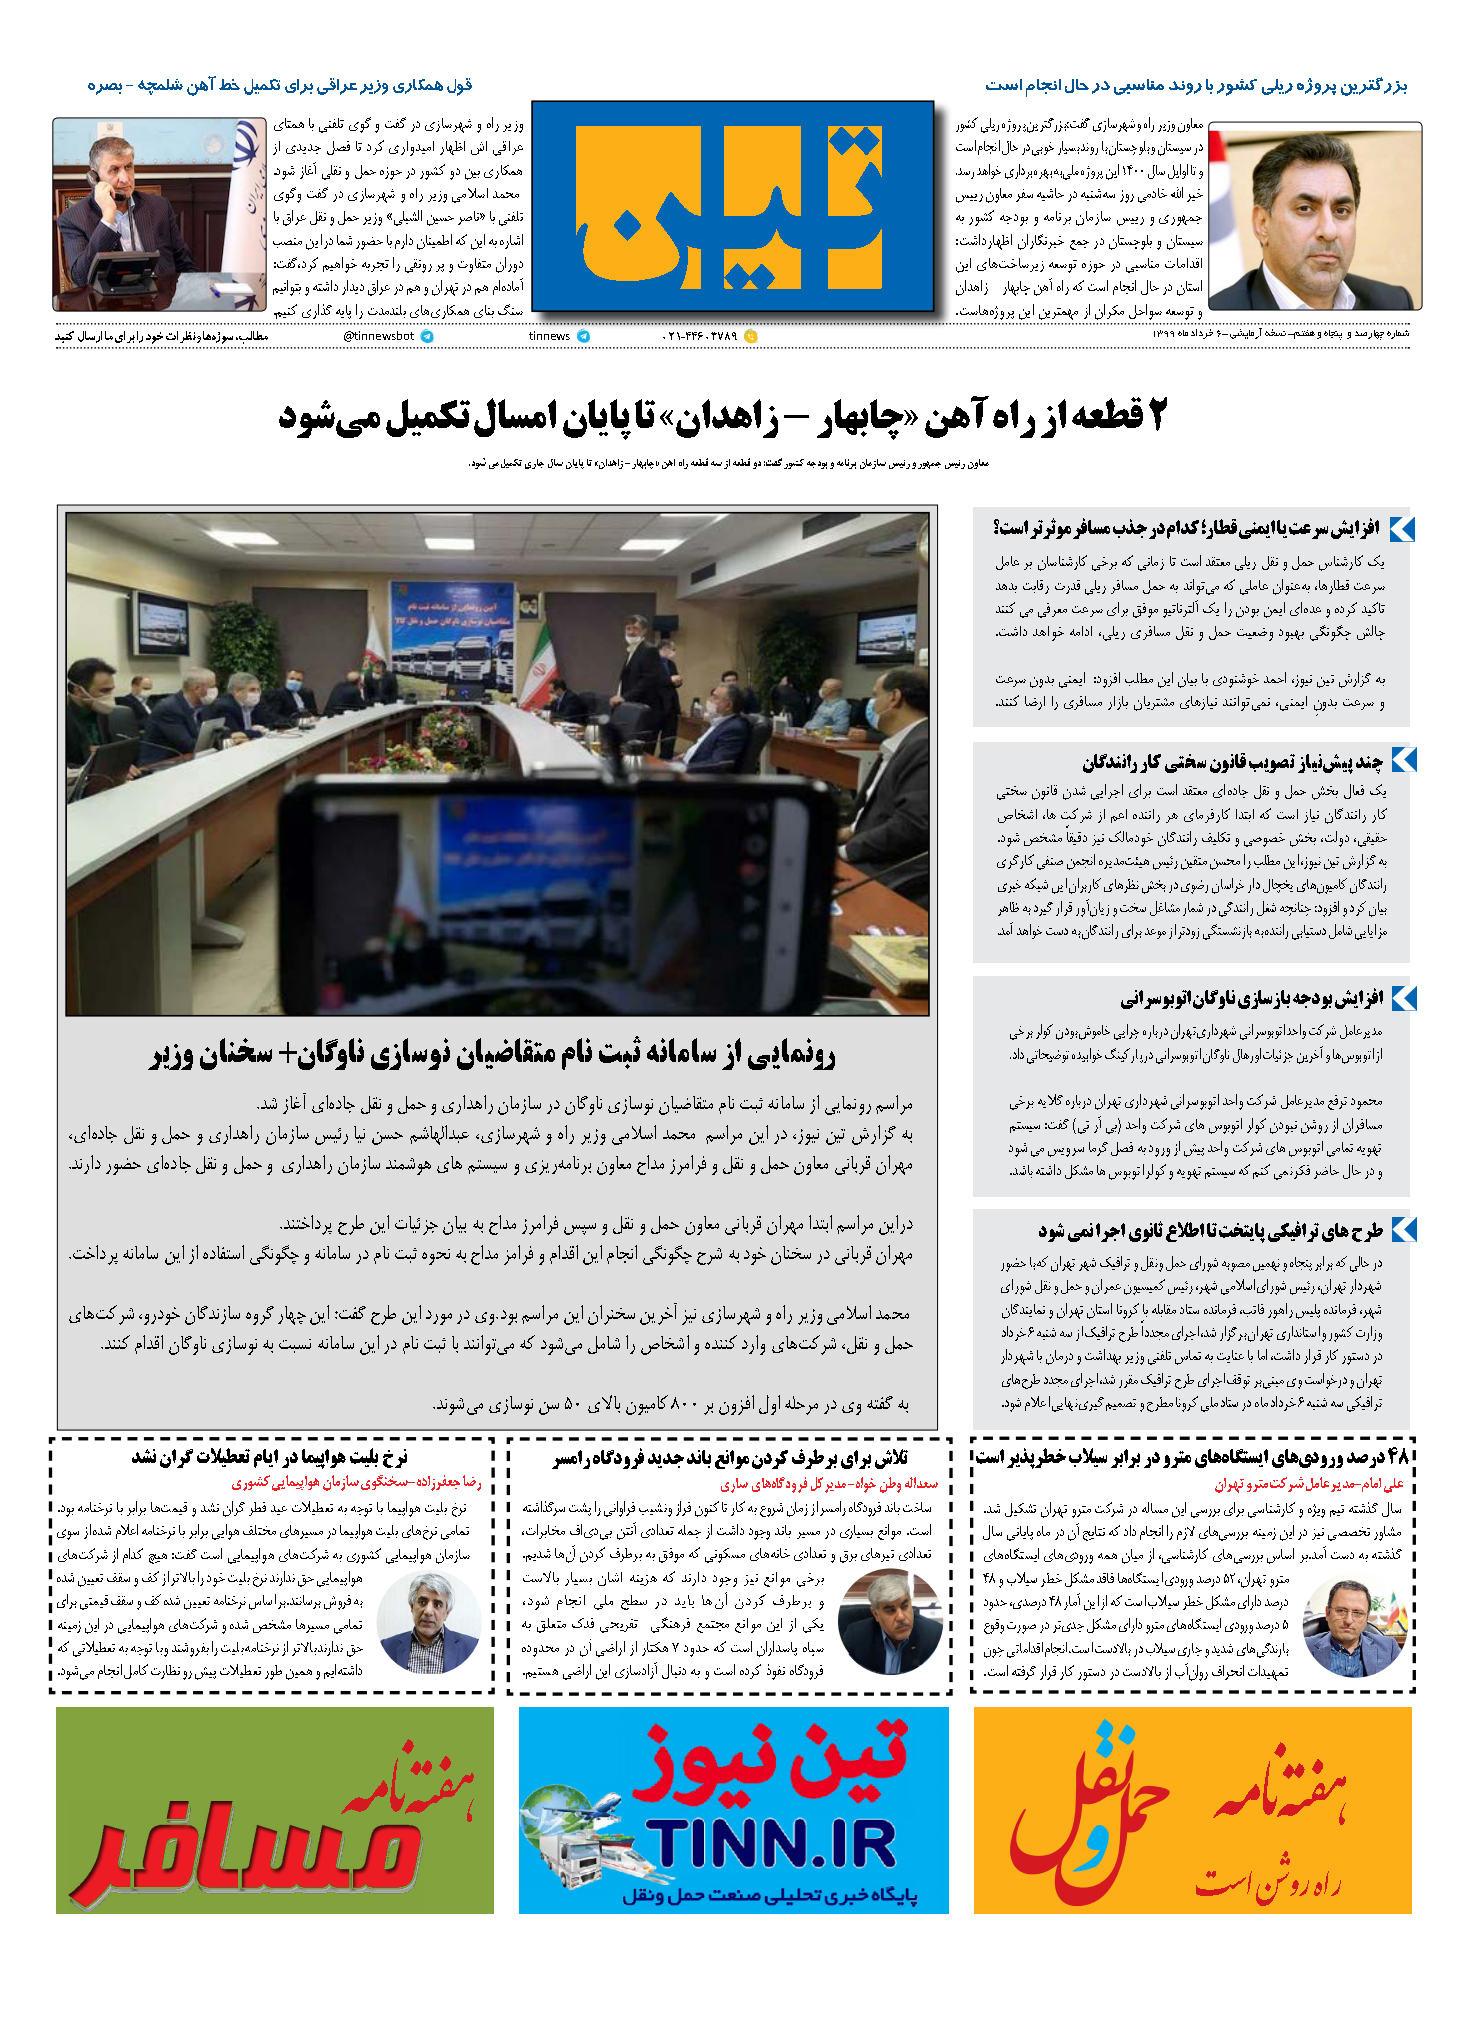 روزنامه الکترونیک 6 خردادماه 99